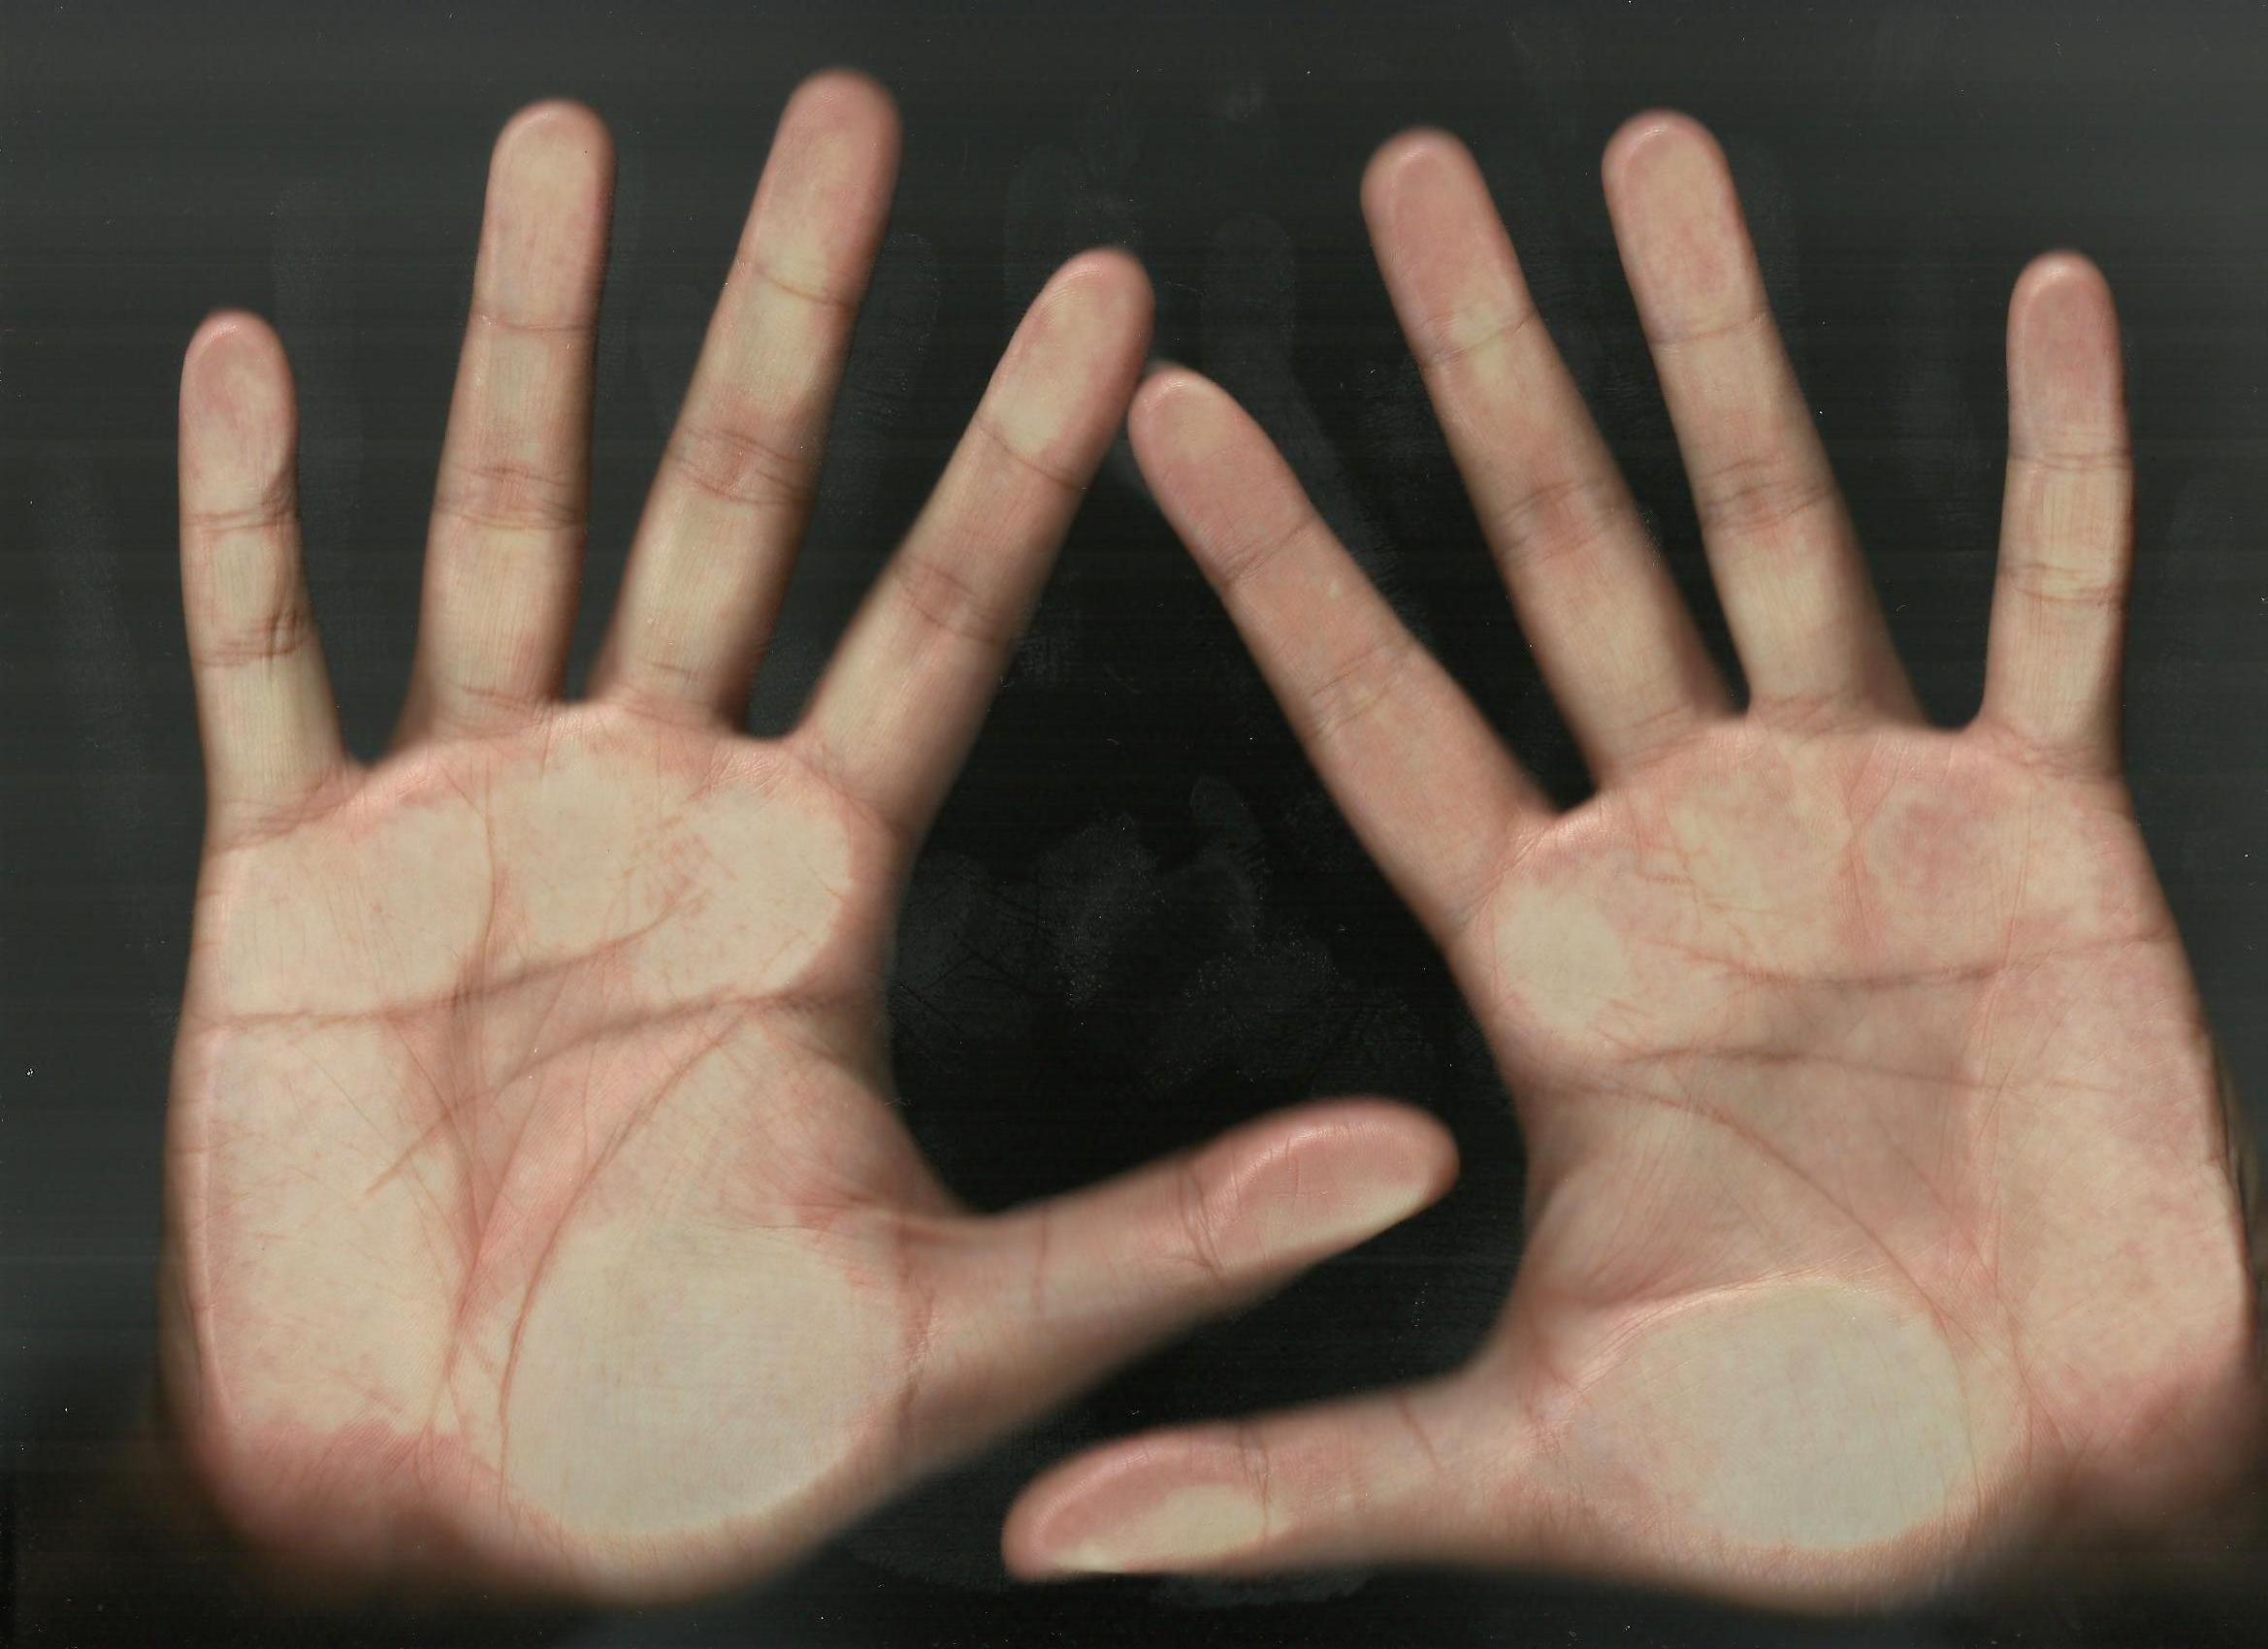 请各位手相高人帮我看看手相!图片是左手右手顺序的